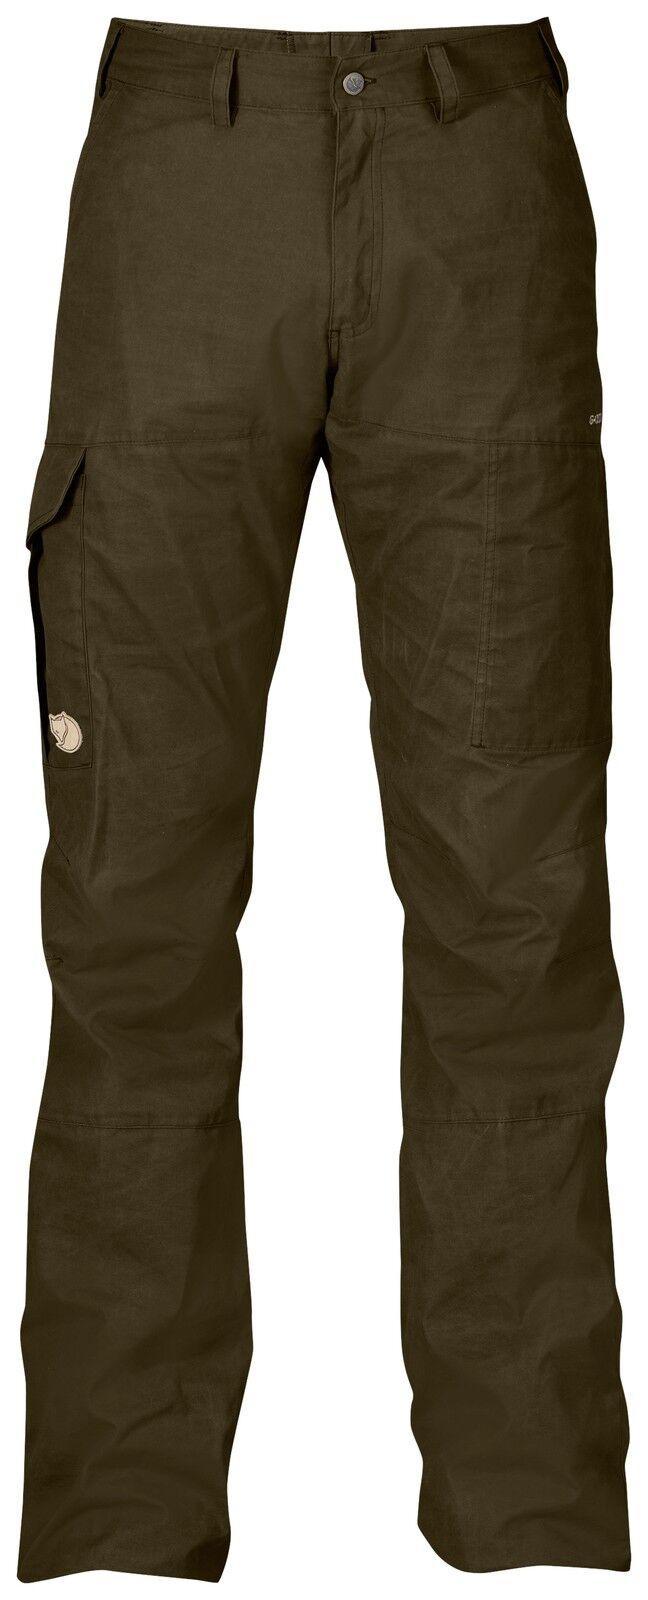 Fjällräven Karl trs. 85785 Dark verde oliva g-1000 outdoorhose wanderhose caza pantalones